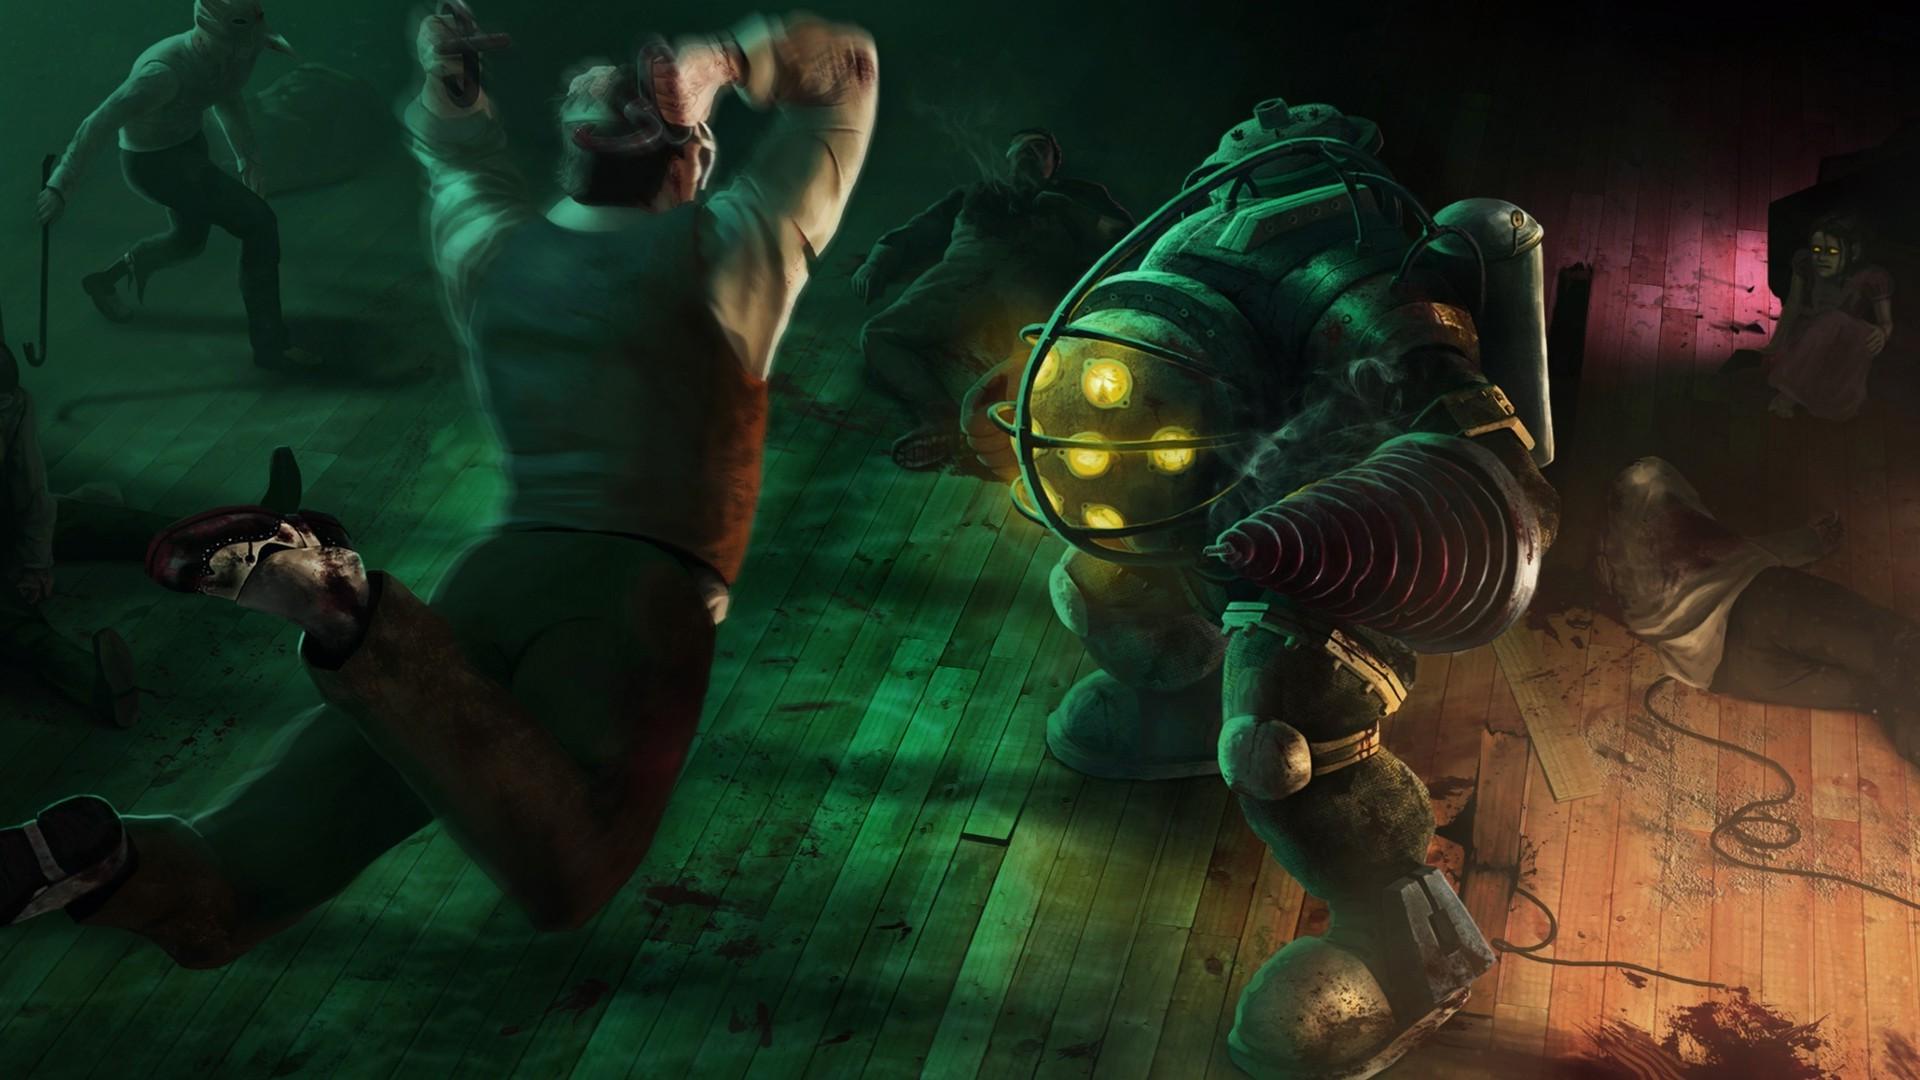 Wallpaper Video Games Underwater Big Daddy Bioshock